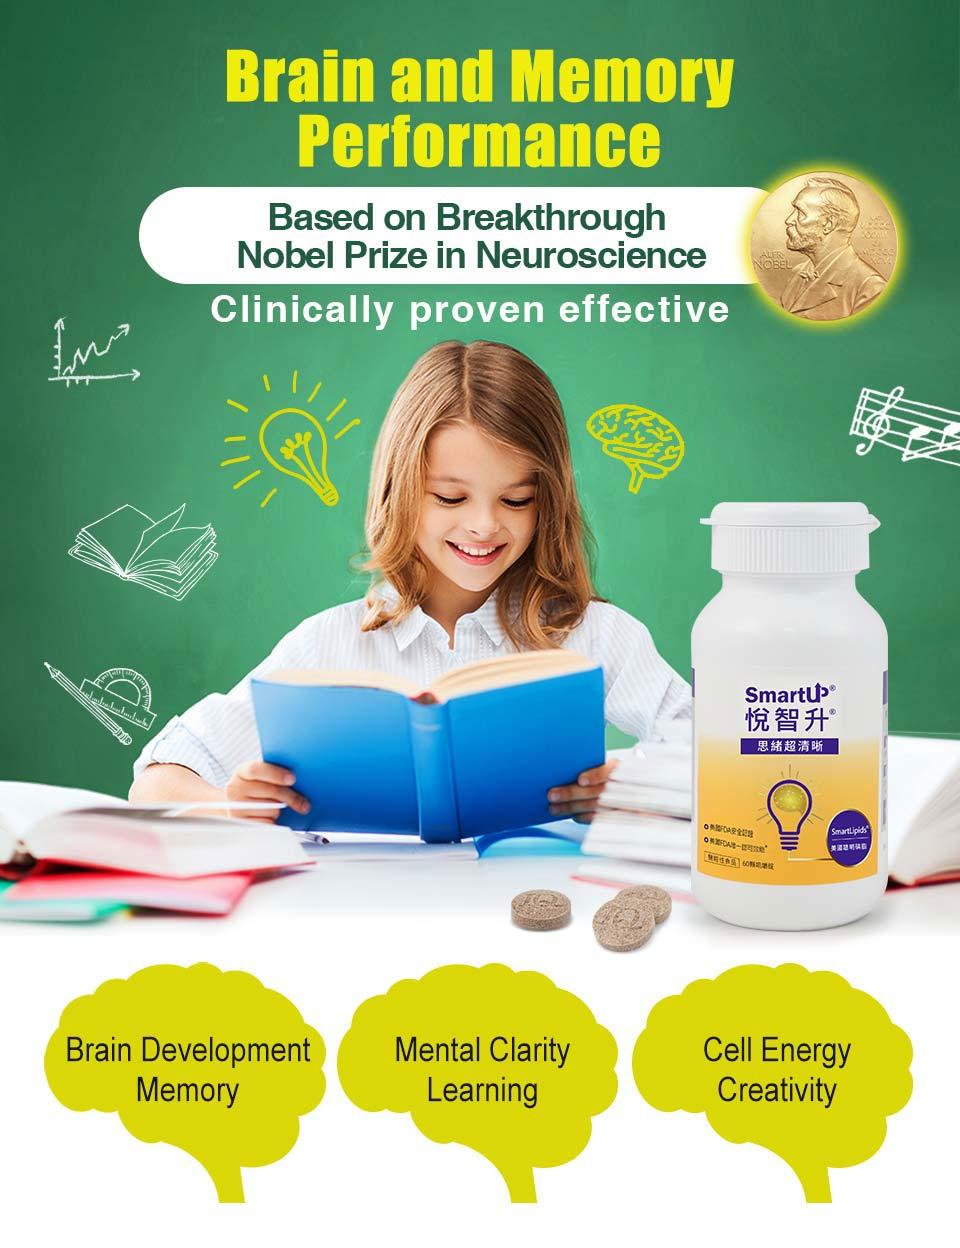 悅智升補聰腦部所需營養,增強智力